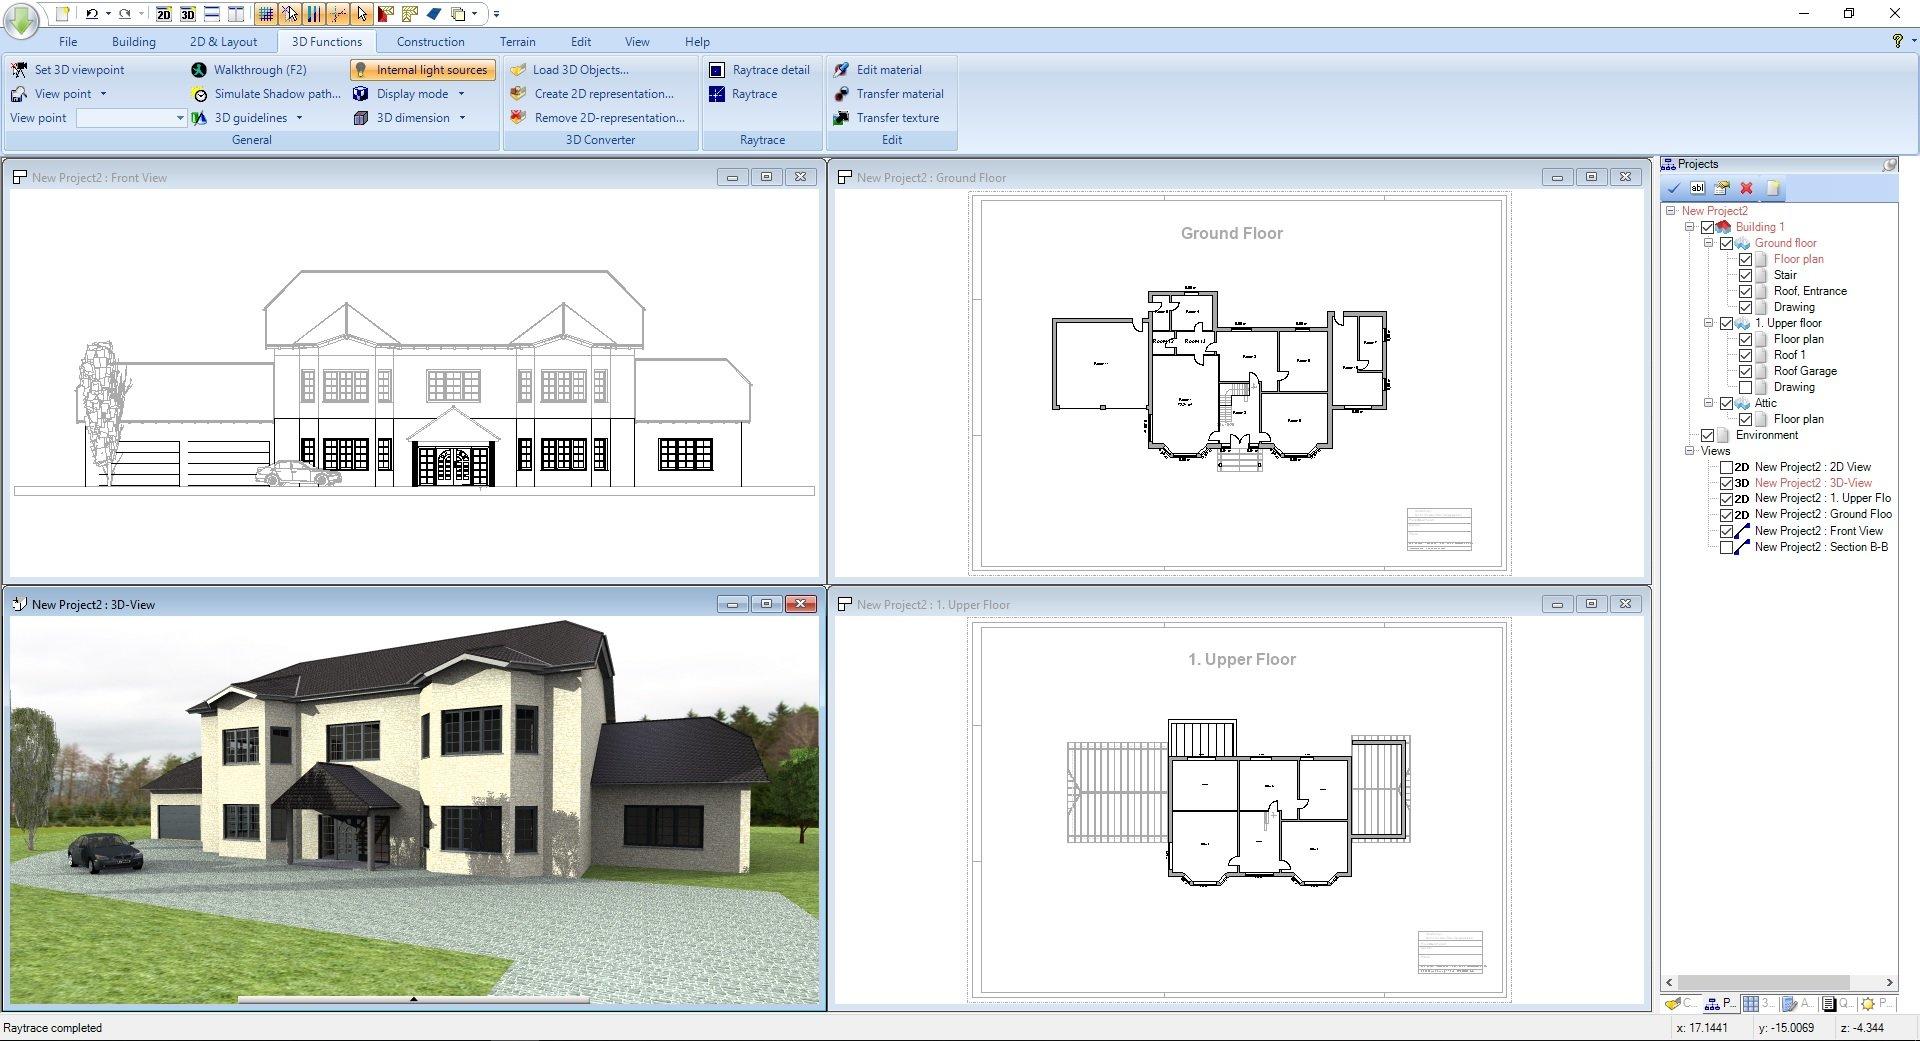 zimmer - Ashampoo® Home Design 5 - Wir verlosen 5 Lizenzen